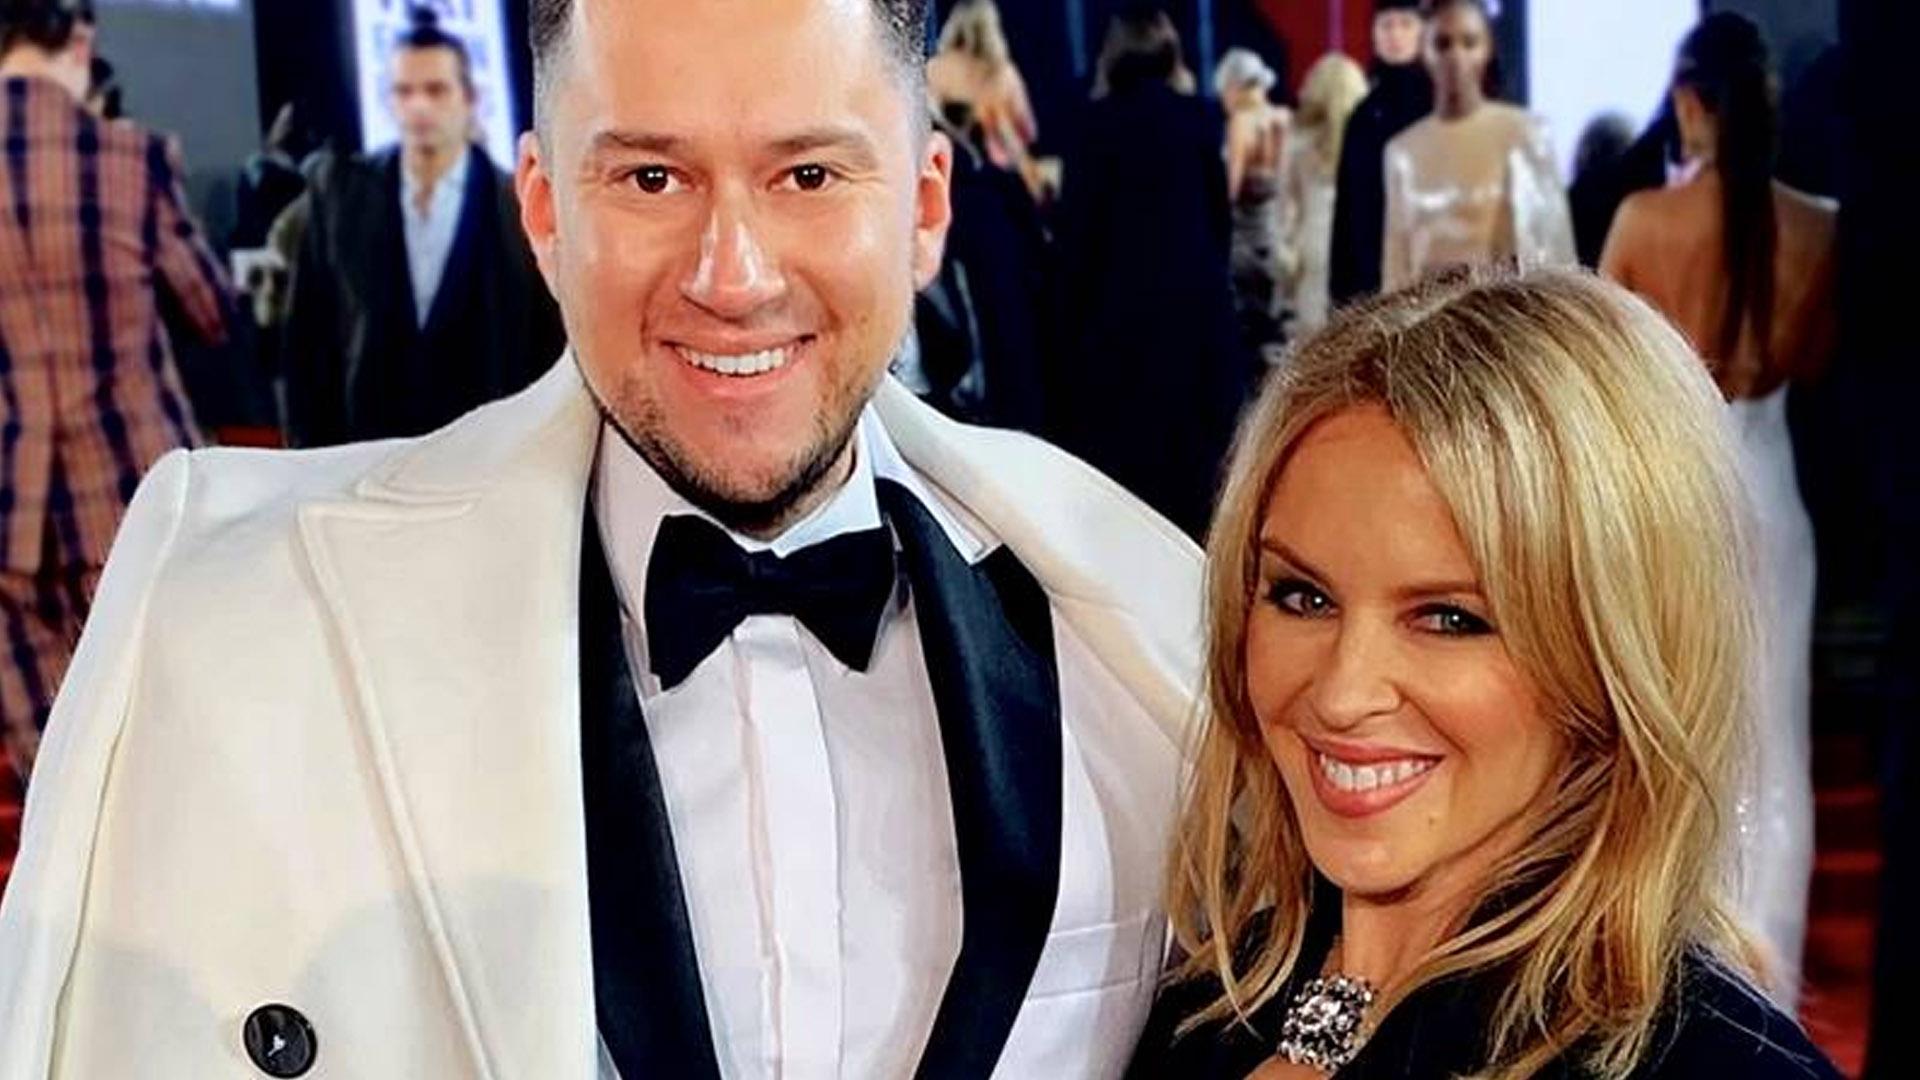 Łukasz Kedzior na gali Fashion Awards w Londynie spotkał się z Kylie Minogue!